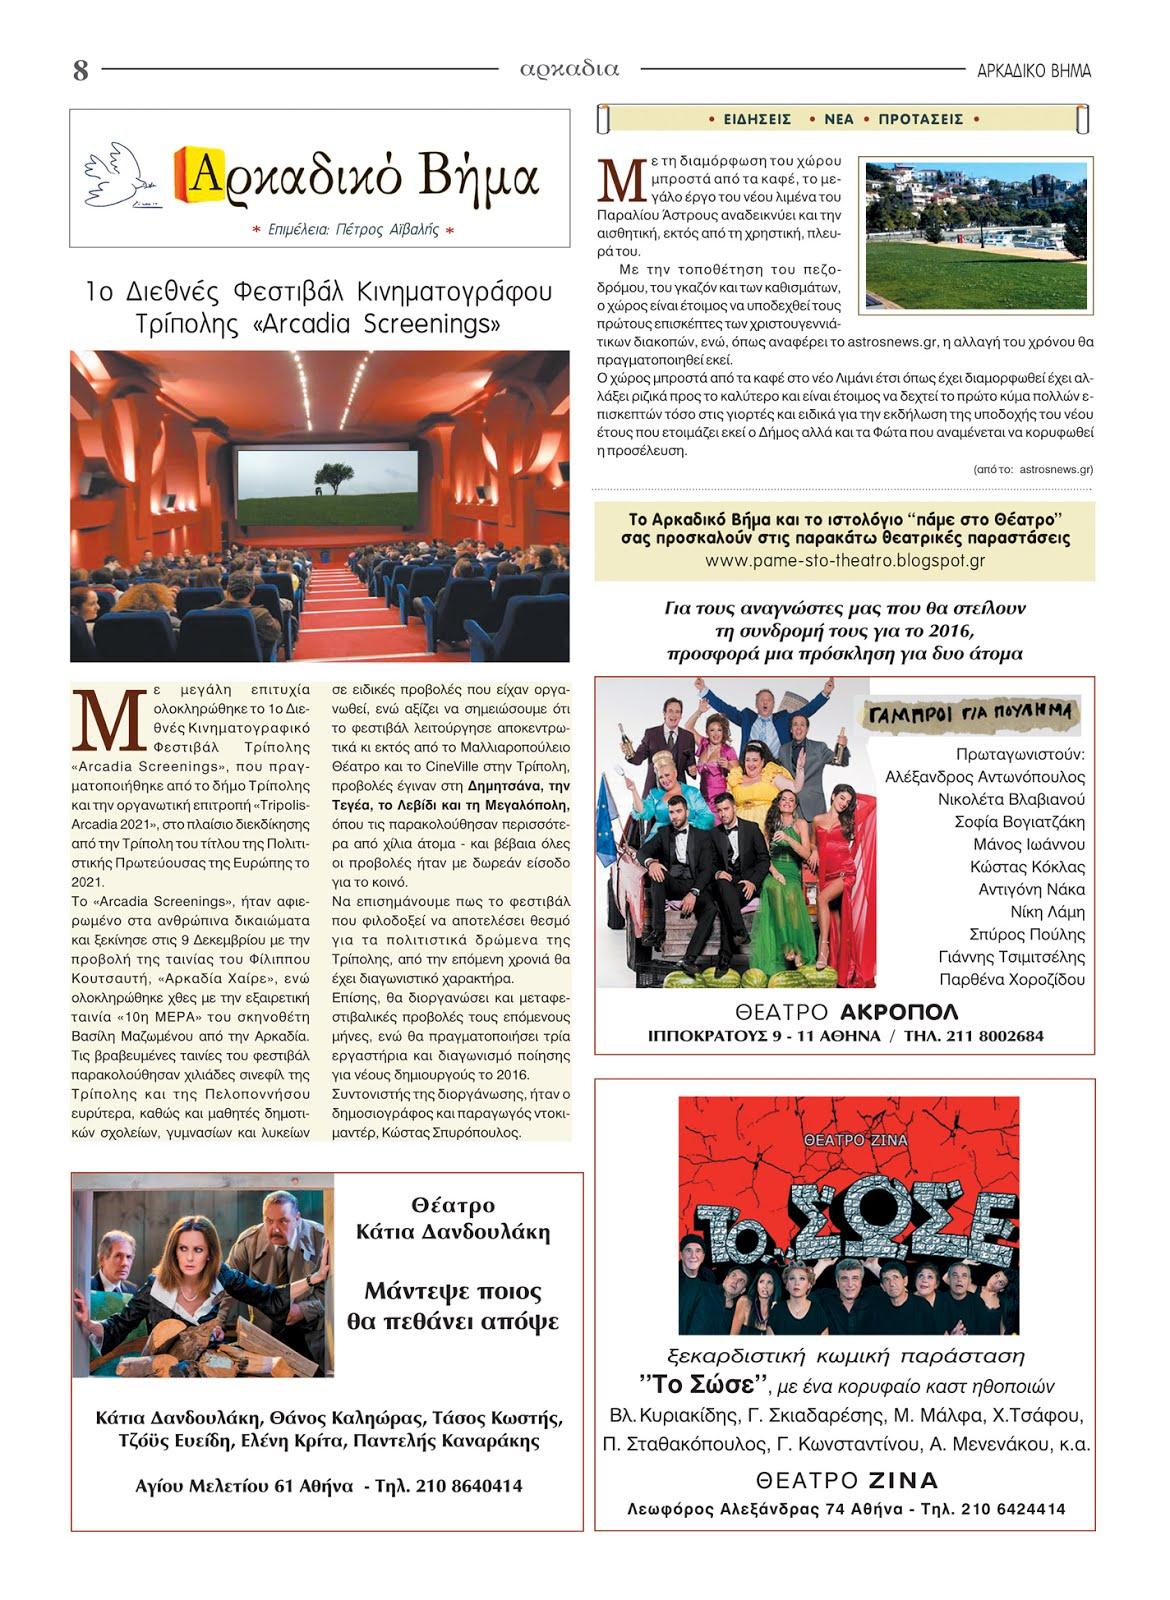 ΑΡΚΑΔΙΚΟ ΒΗΜΑ - Δωρεάν προσκλήσεις για το Θέατρο στους συνδρομητές του 2016